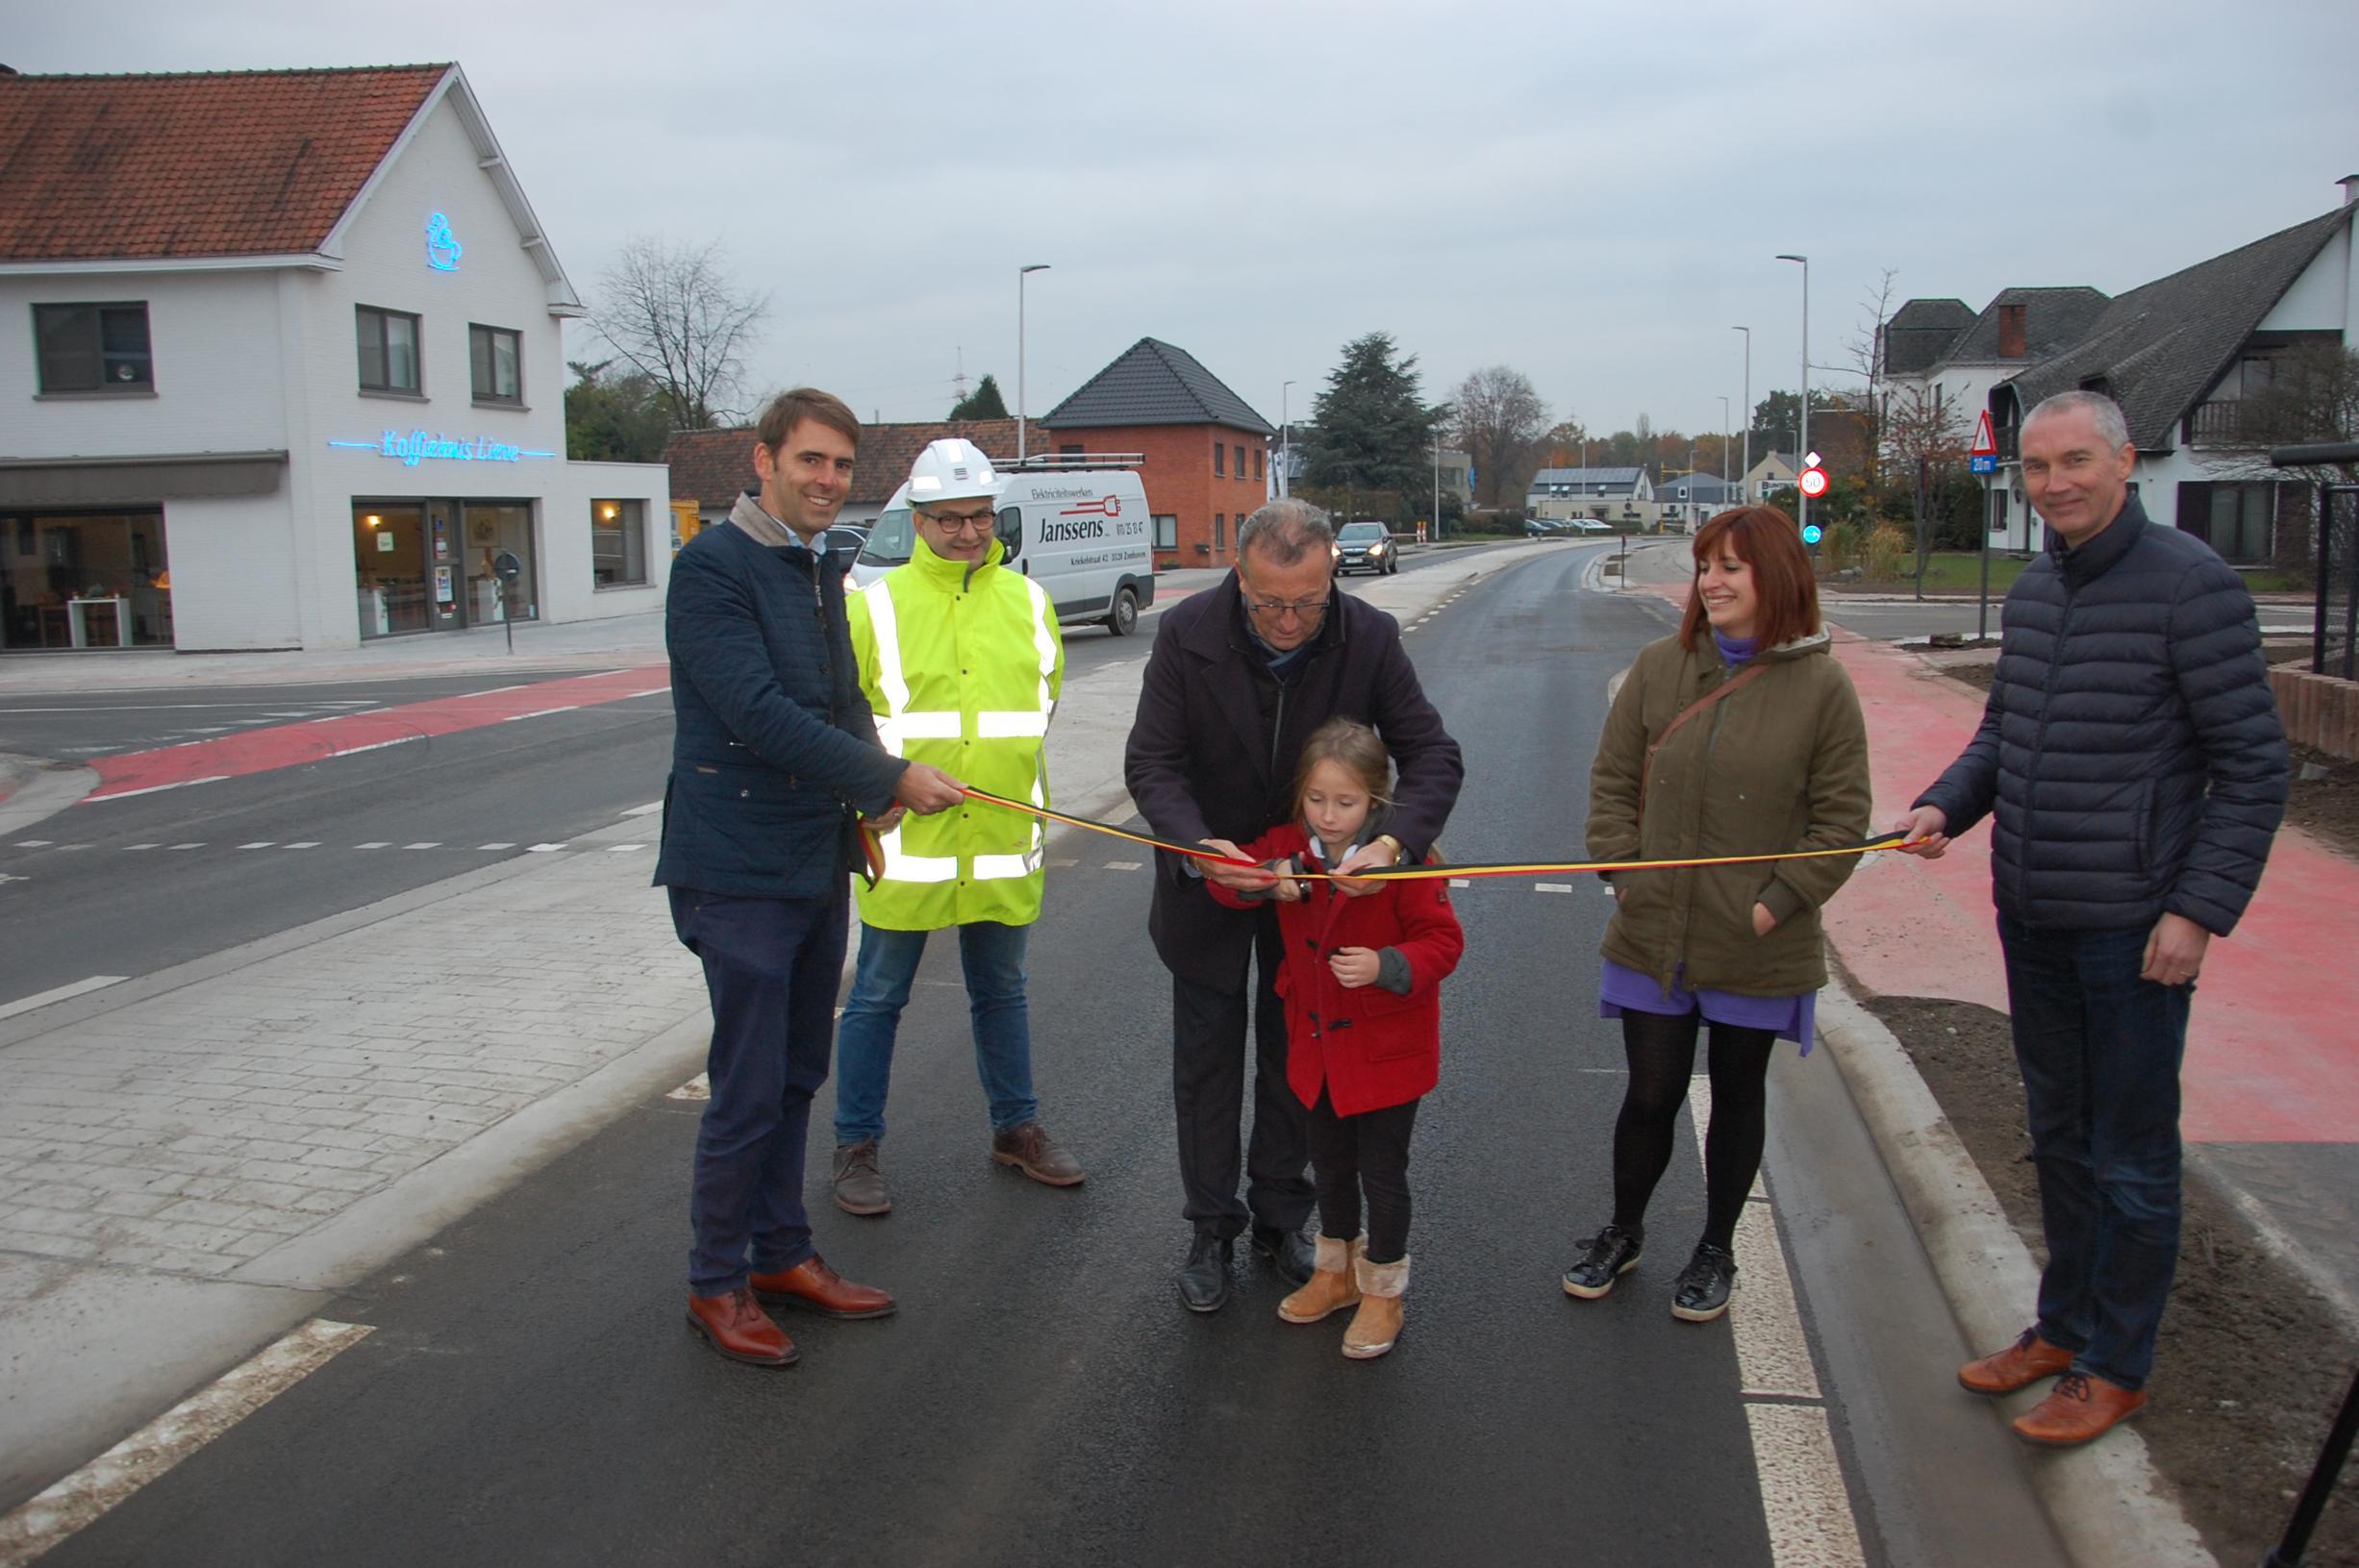 Zwart punt op N72 weggewerkt (Zonhoven) - Het Belang van Limburg